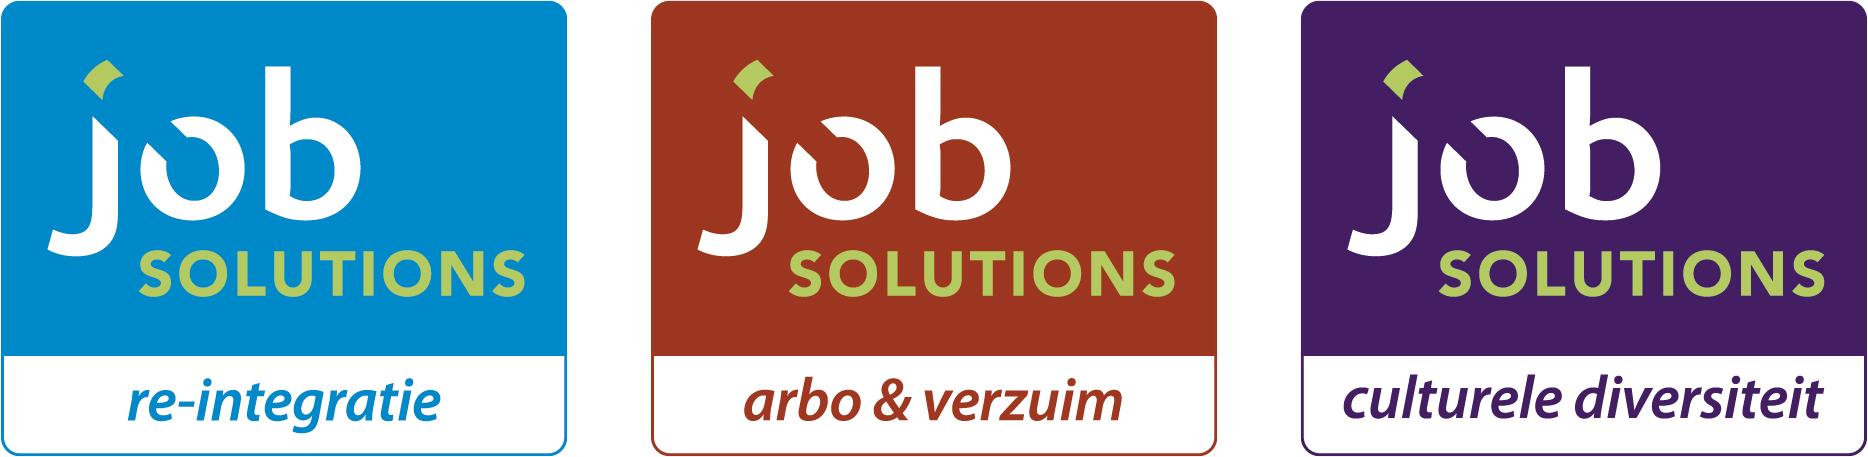 job-solutions